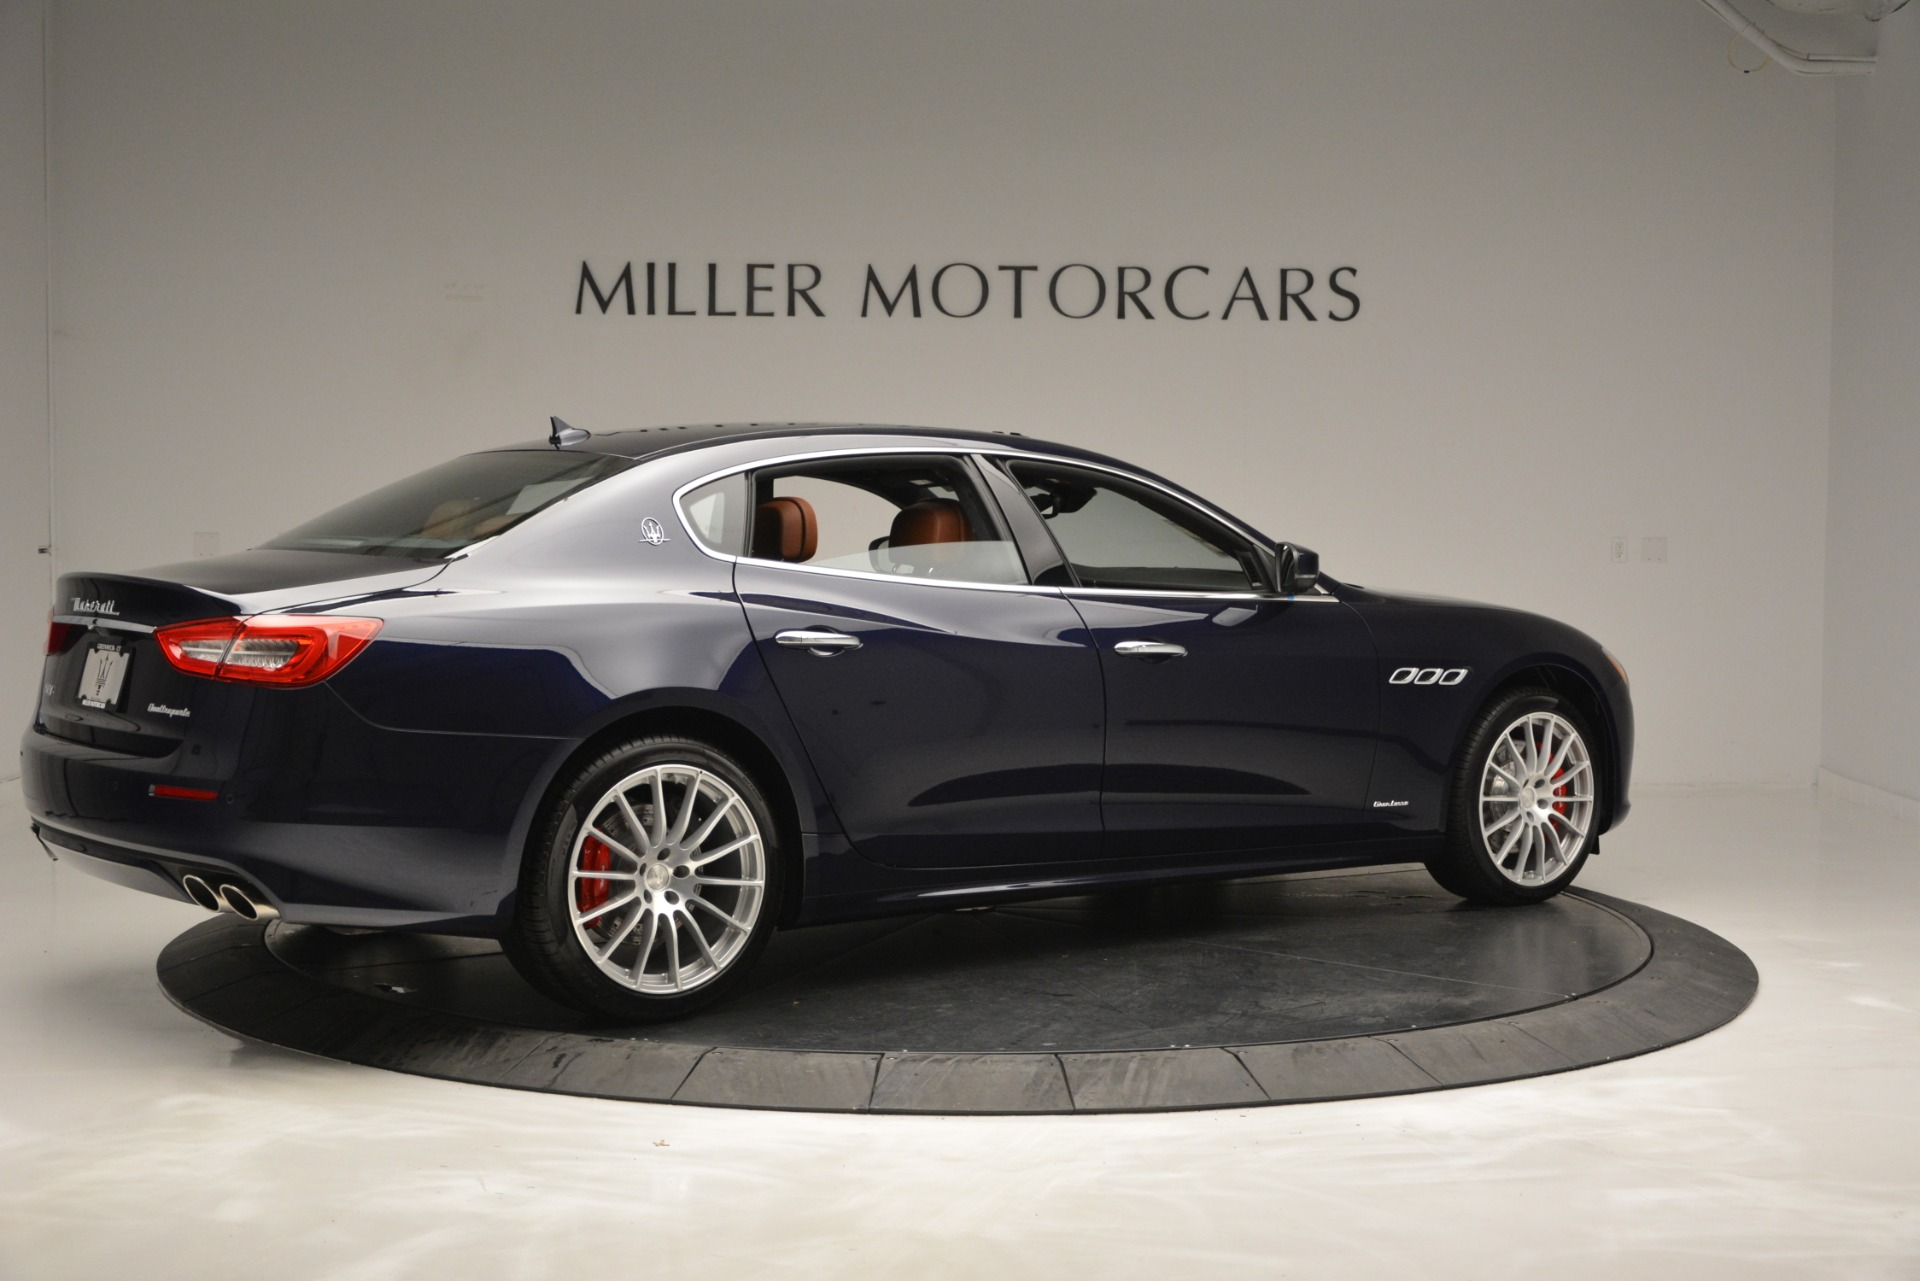 New 2019 Maserati Quattroporte S Q4 GranLusso For Sale In Westport, CT 2620_p8